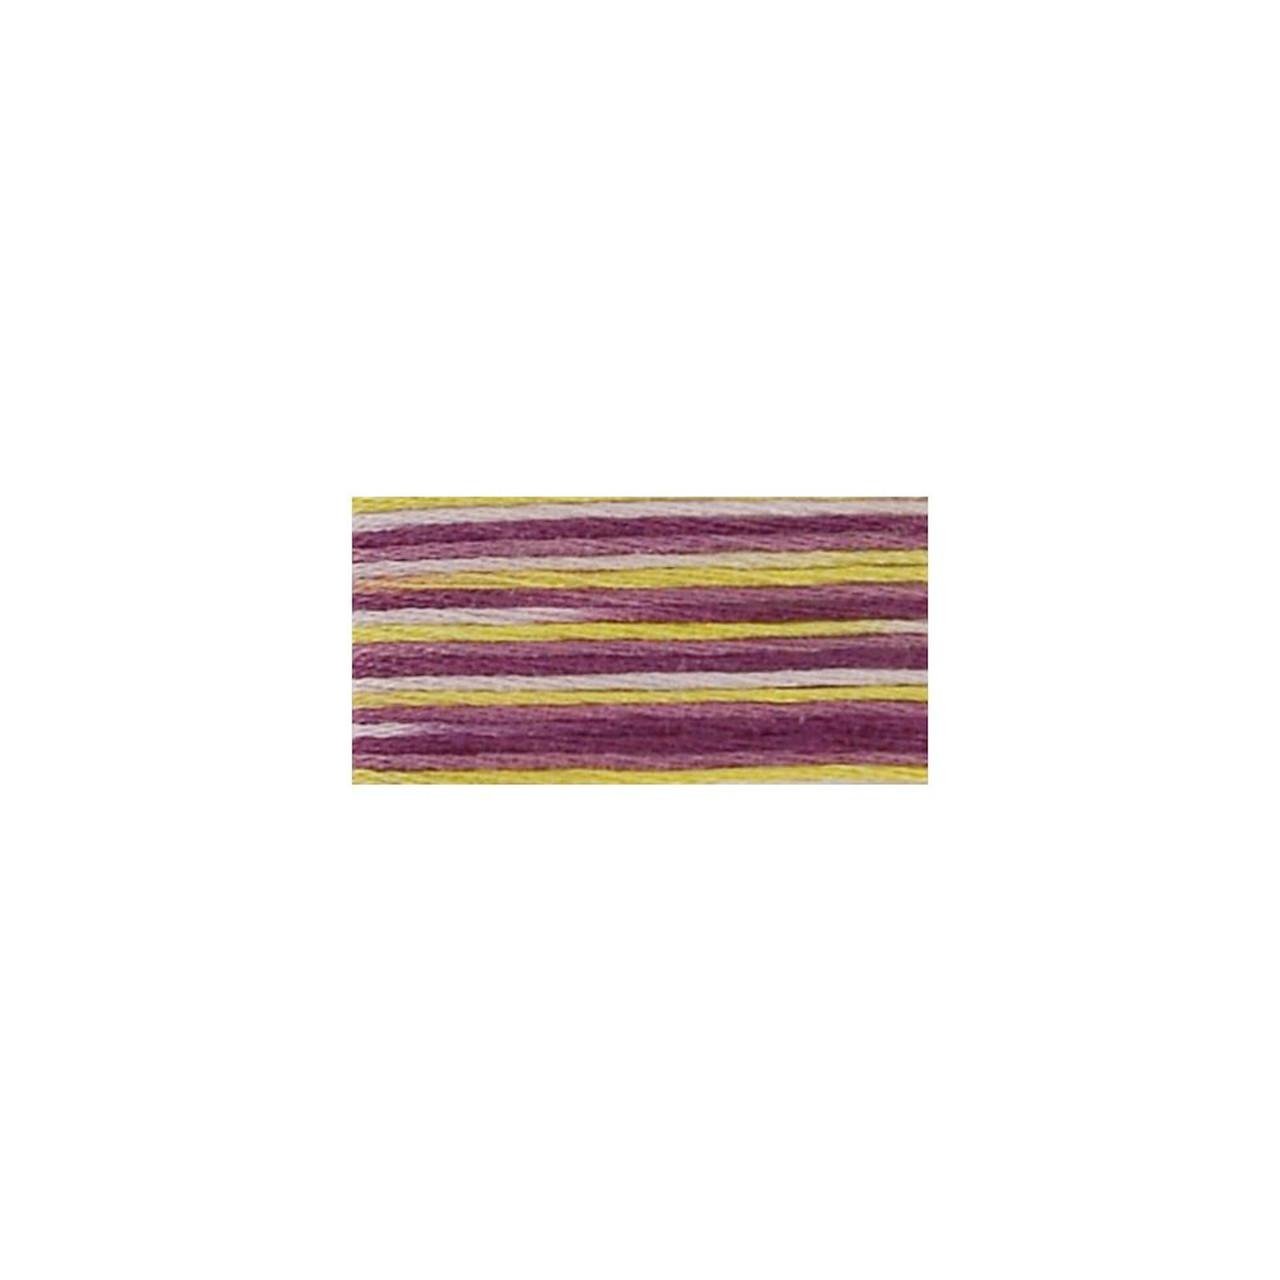 DMC Coloris Floss #4503 - Wisteria